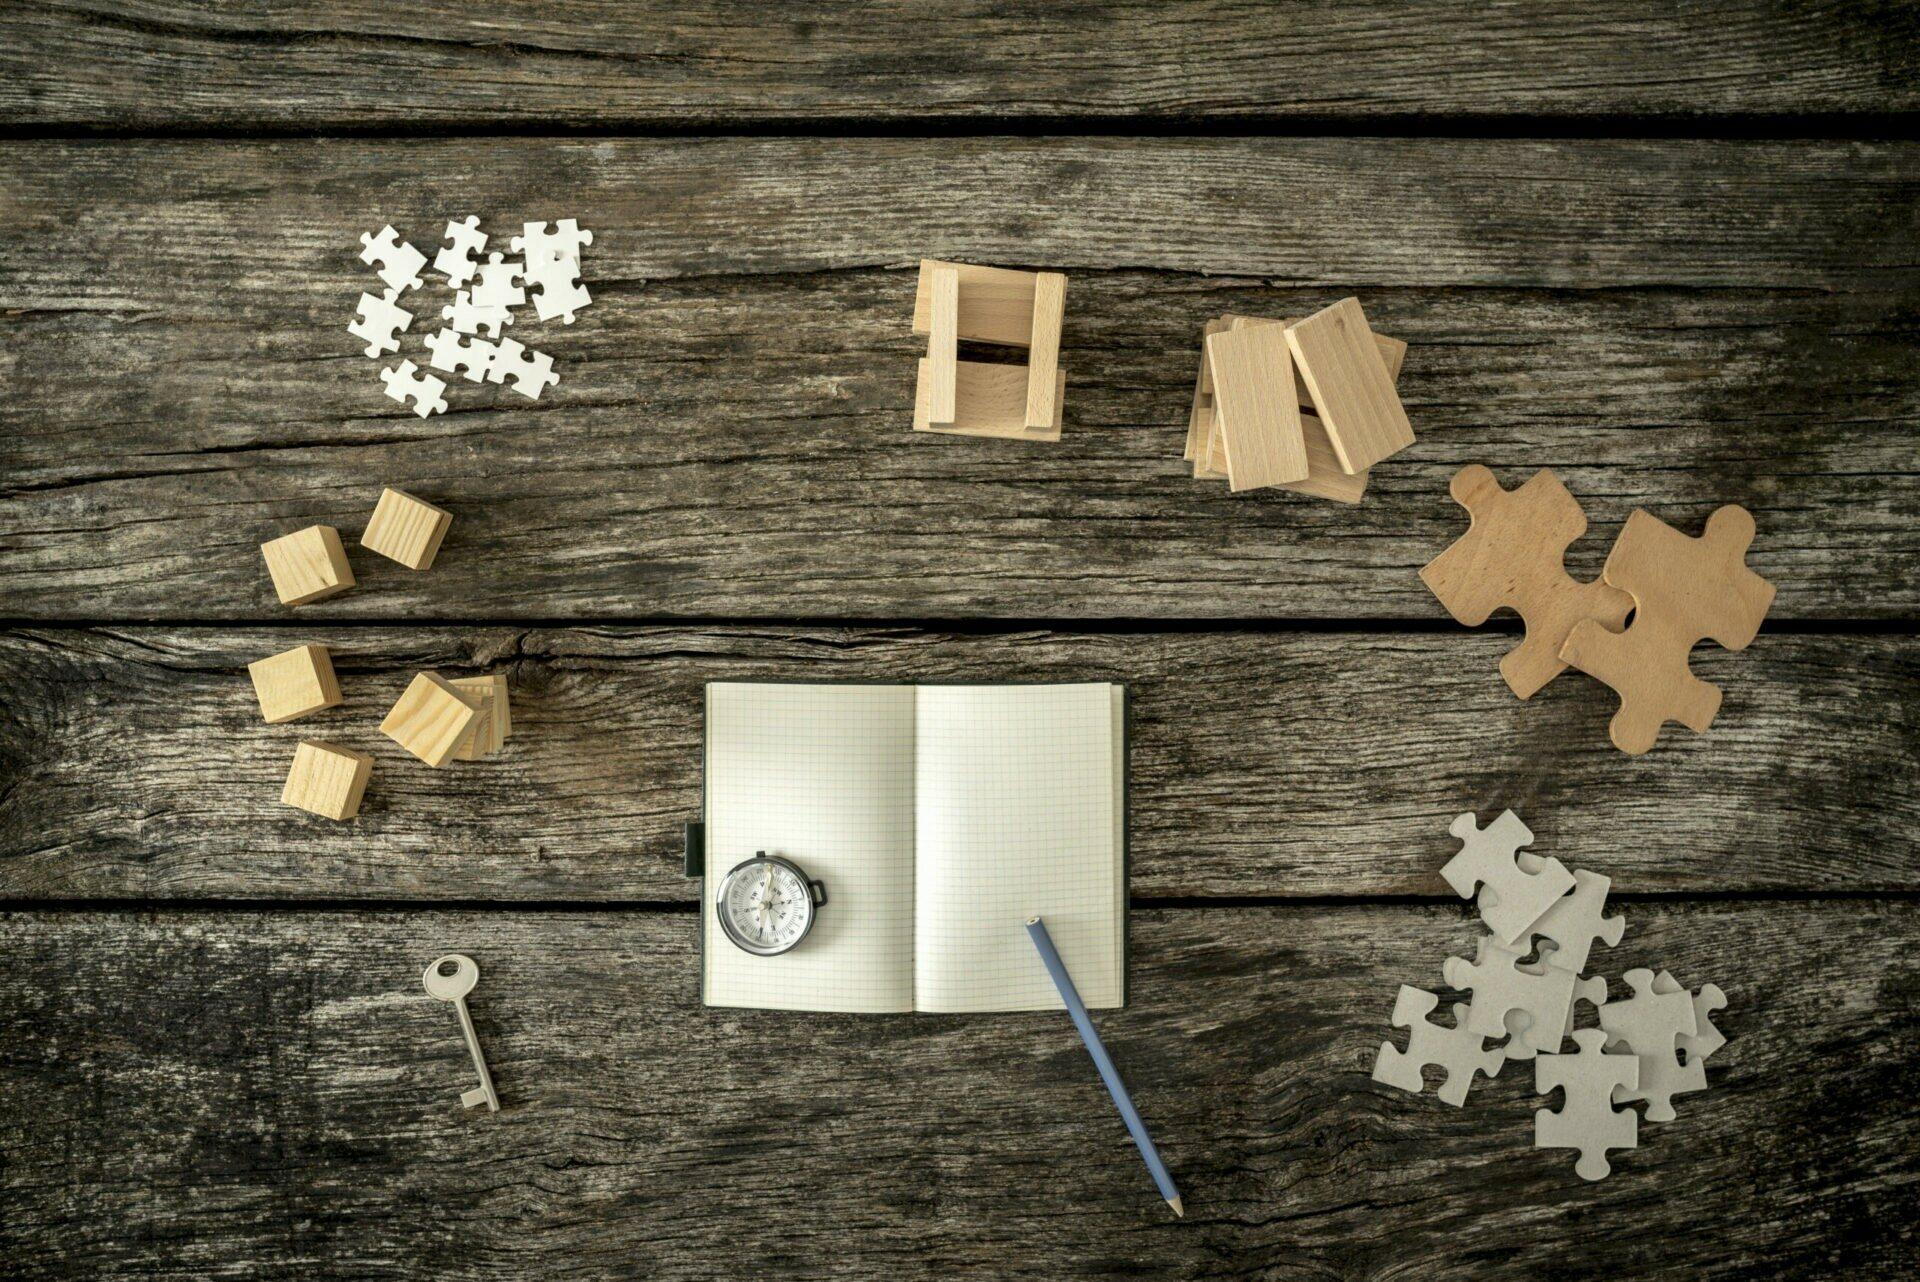 Blick von oben auf vershciedene Puzzlteile, Klötze, einen Schlüssel, ein Notizblock, einen Kompass und einen Bleistift.